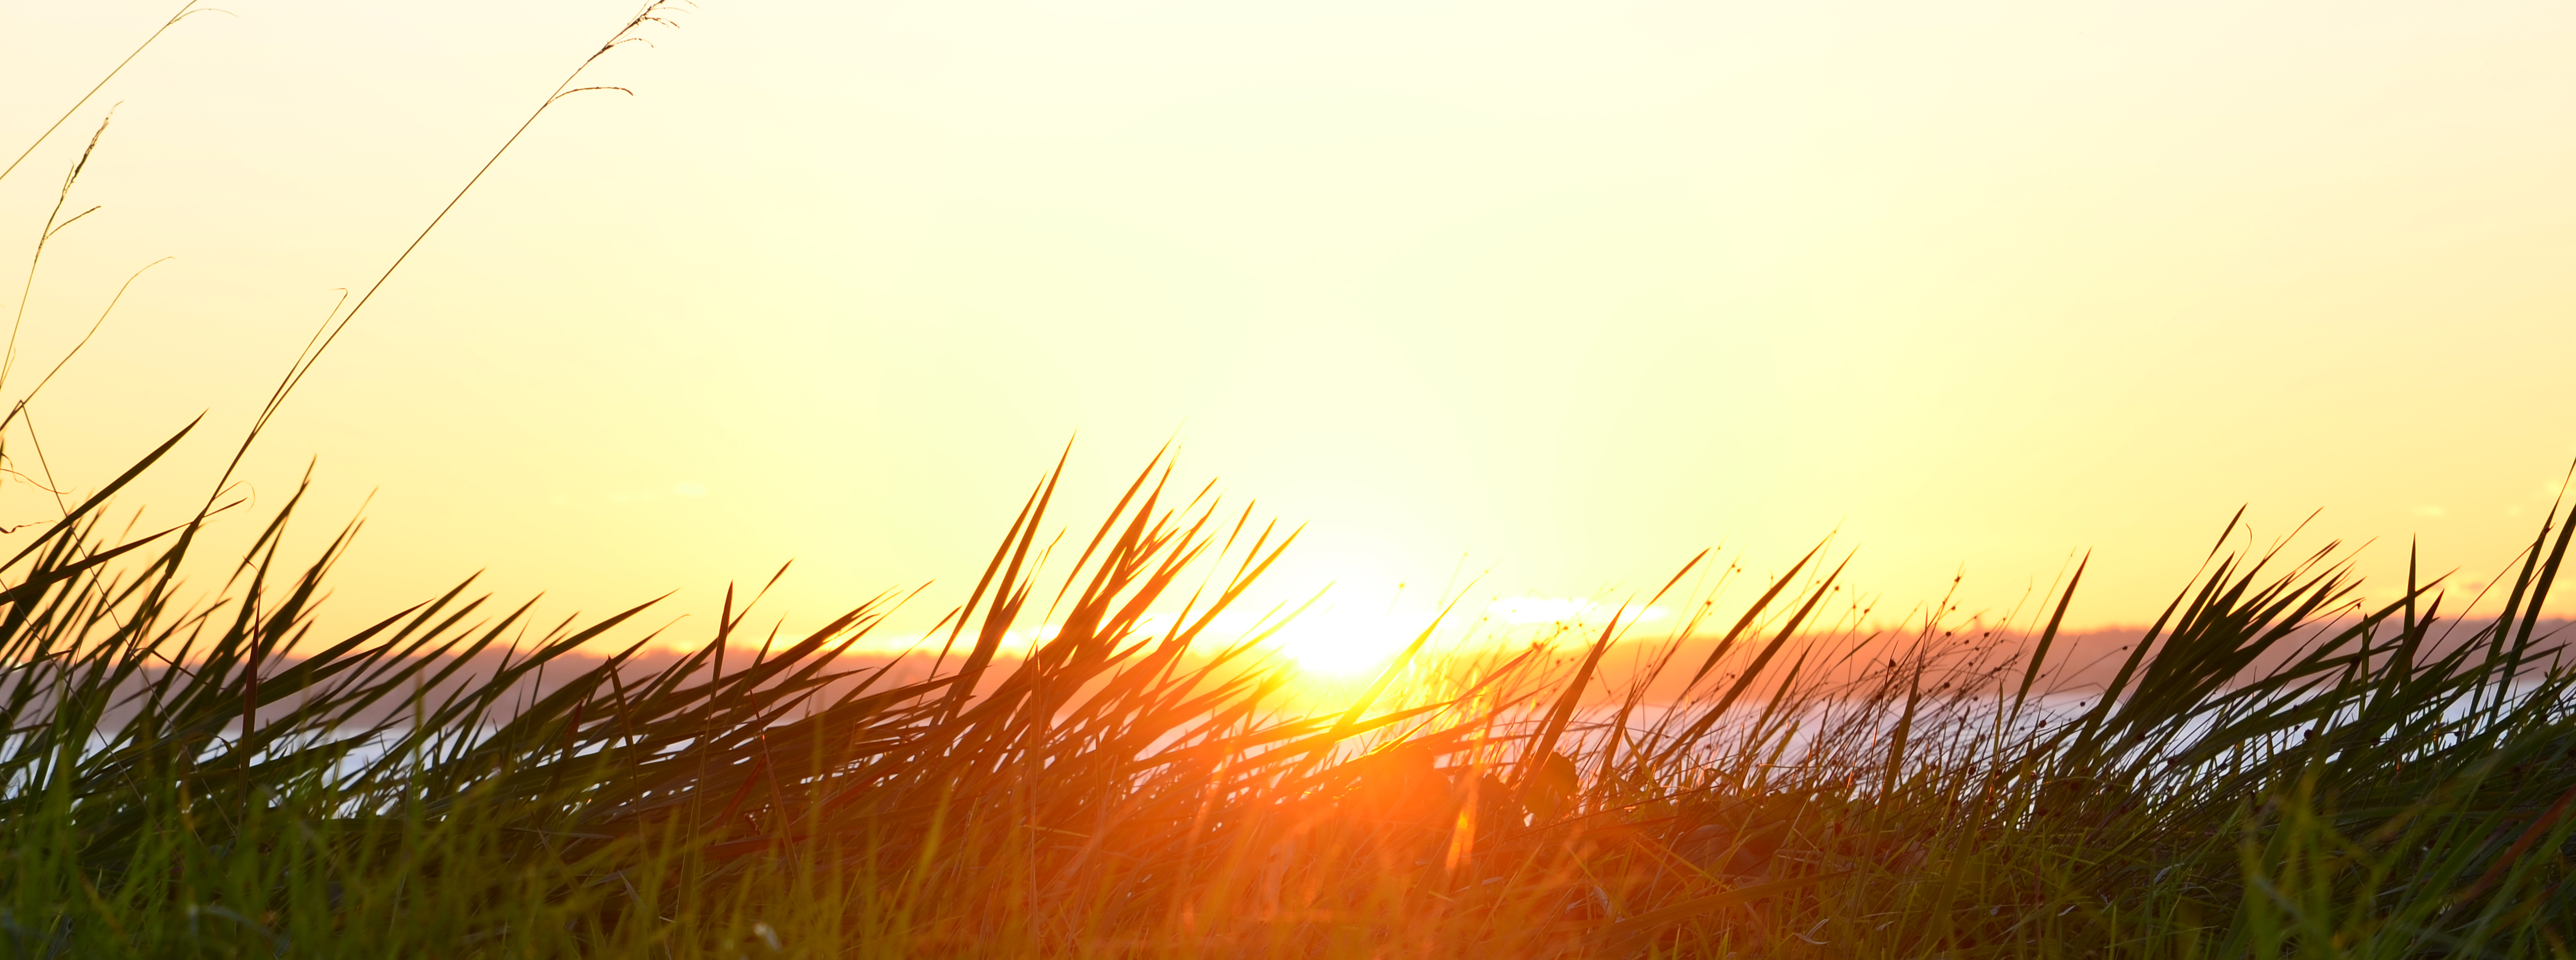 Sir Tim Smit stared, grass, field